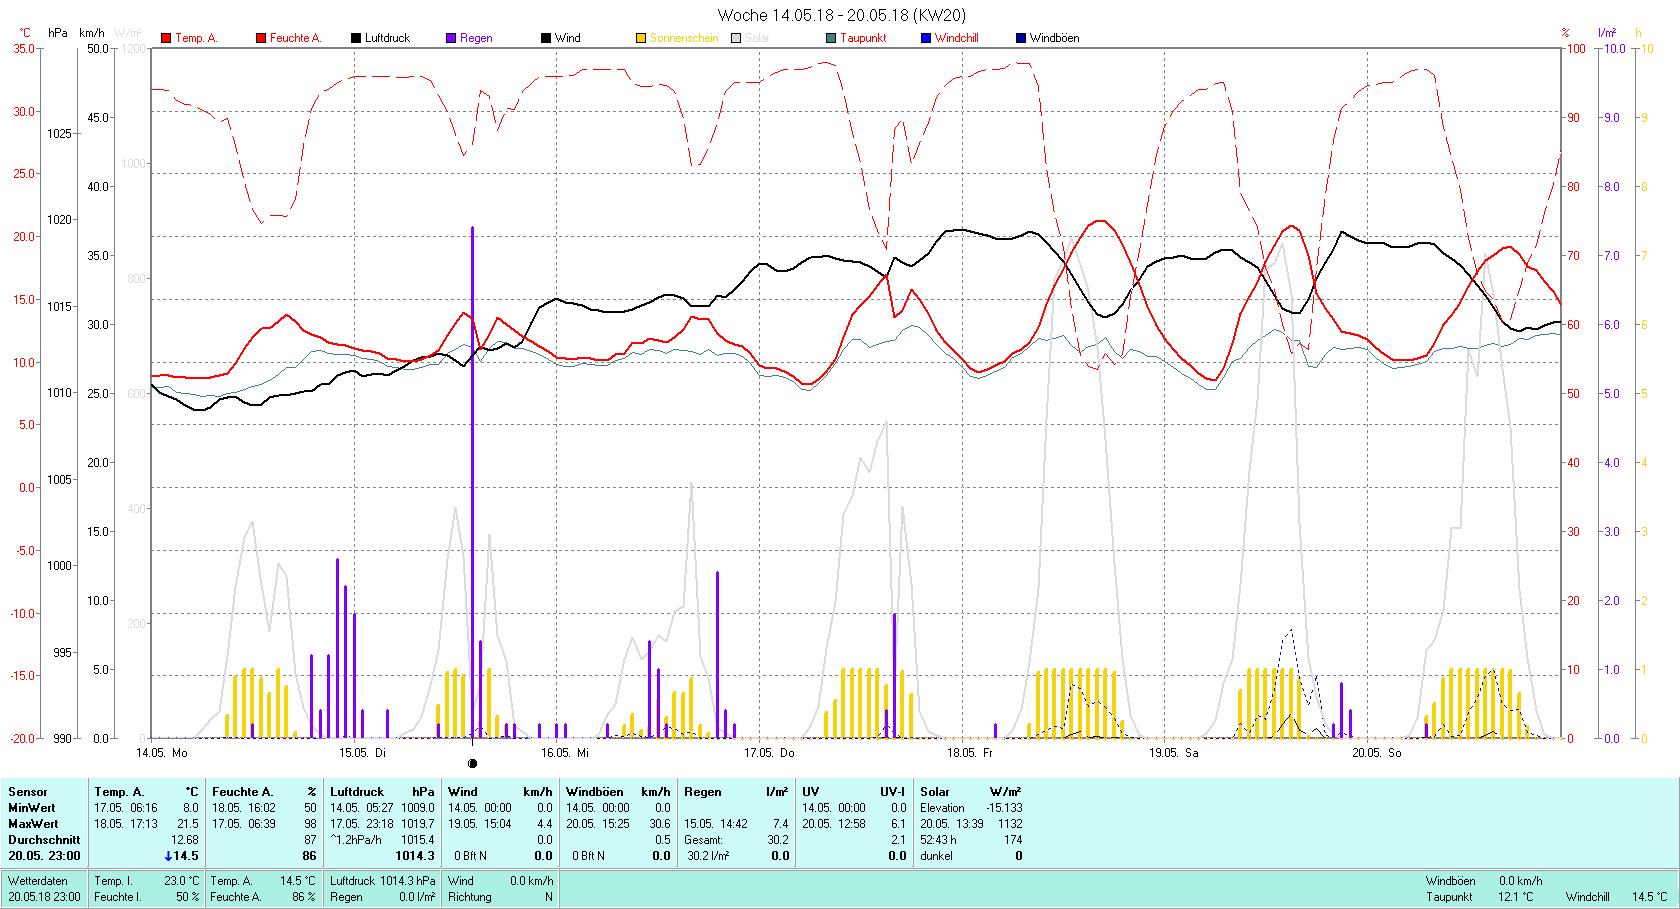 KW 20 Tmin 8.0°C, Tmax 21.5°C, Sonne 52:43 h Niederschlag 30.2 mm2